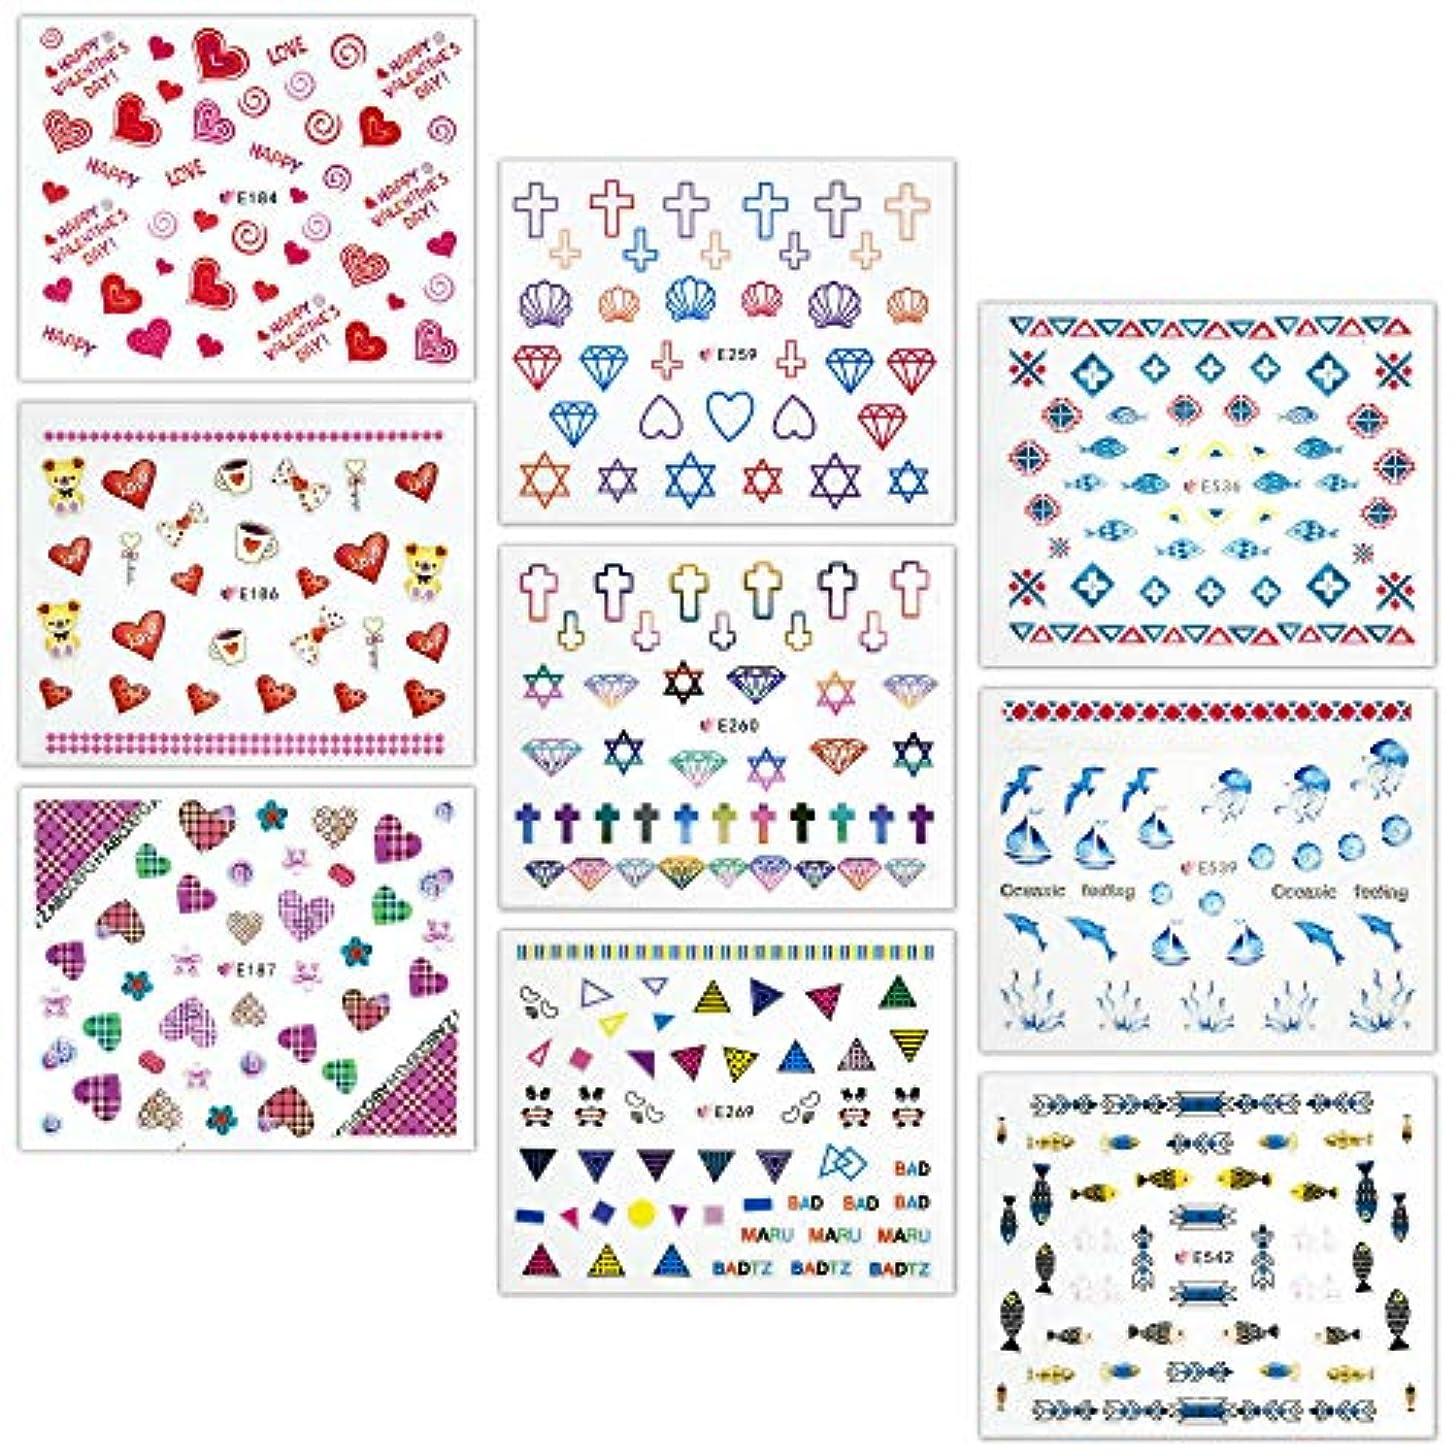 【リュミエラ】9枚セット レジン ネイル シールG【9種類各1枚】カラー ハート クロス ダイヤ 海 etc. ネイルにも!